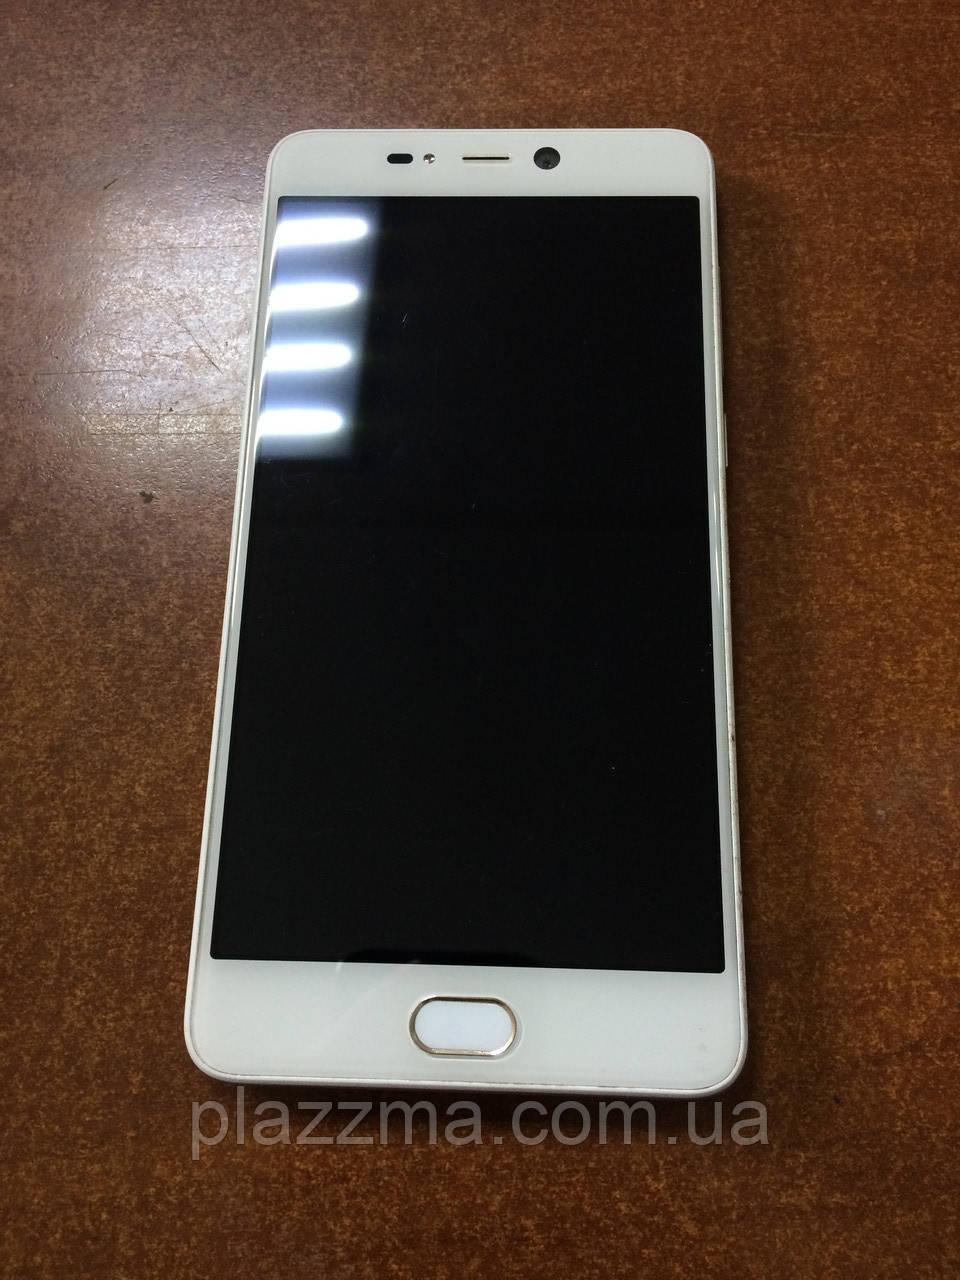 Телефон Leagoo T5C на запчасти или восстановление